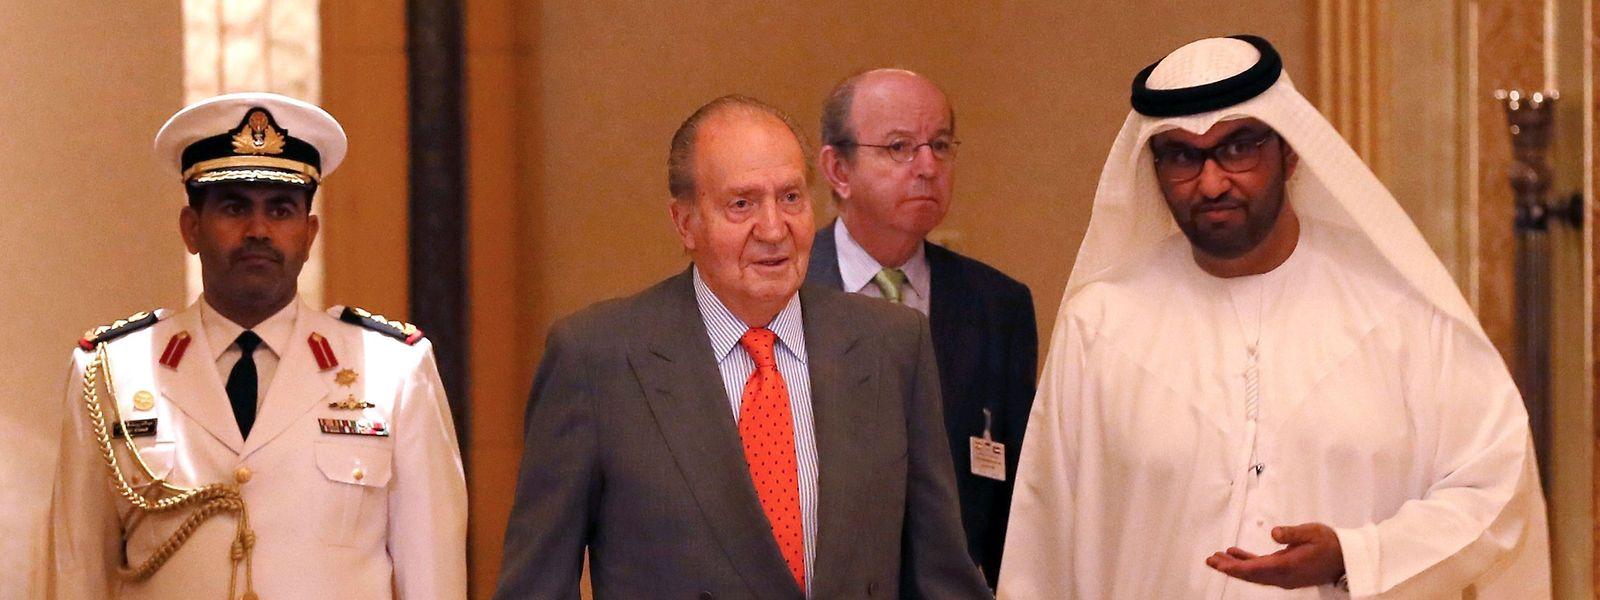 Der ehemalige König von Spanien, Juan Carlos, wird 2014 bei einer Reise in die Emirate empfangen.